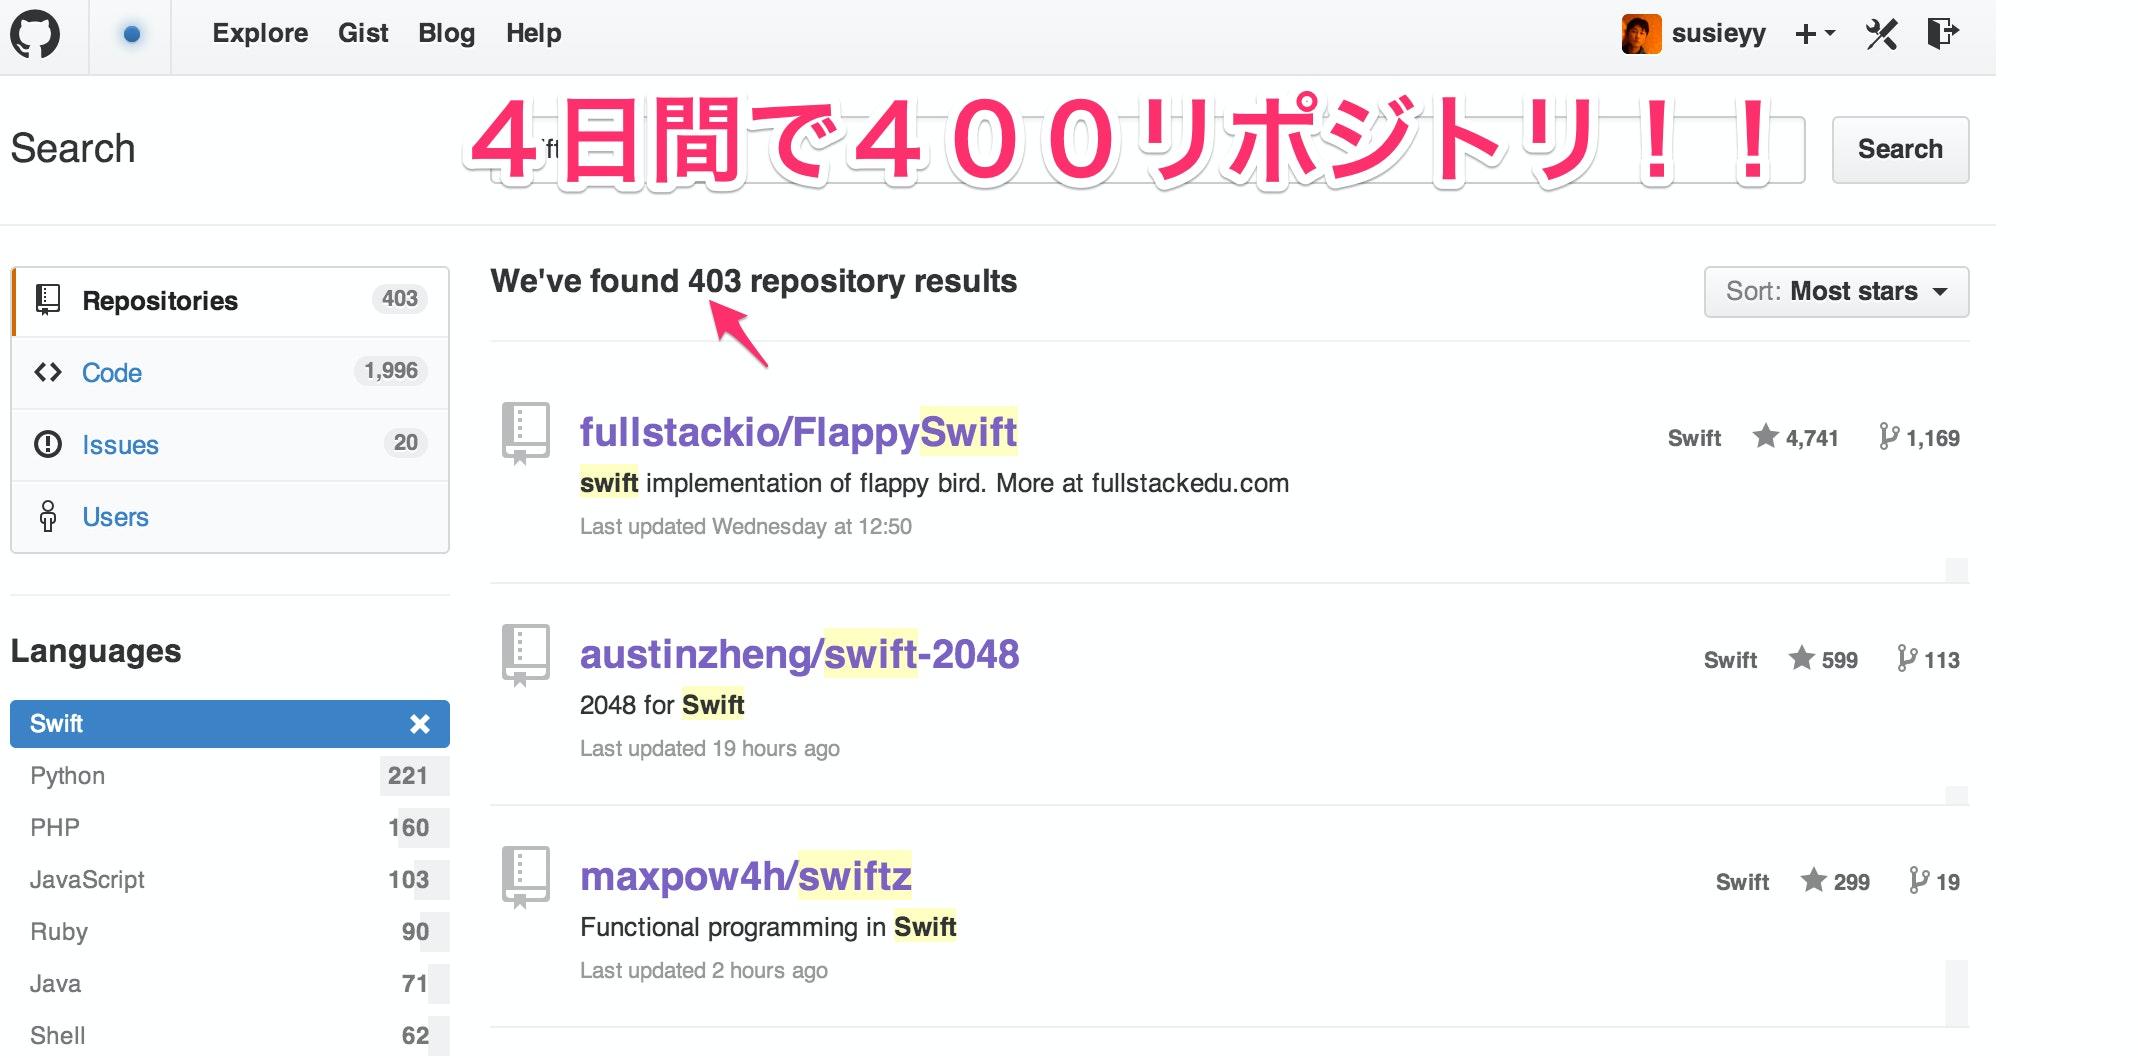 Search_·_swift.jpg